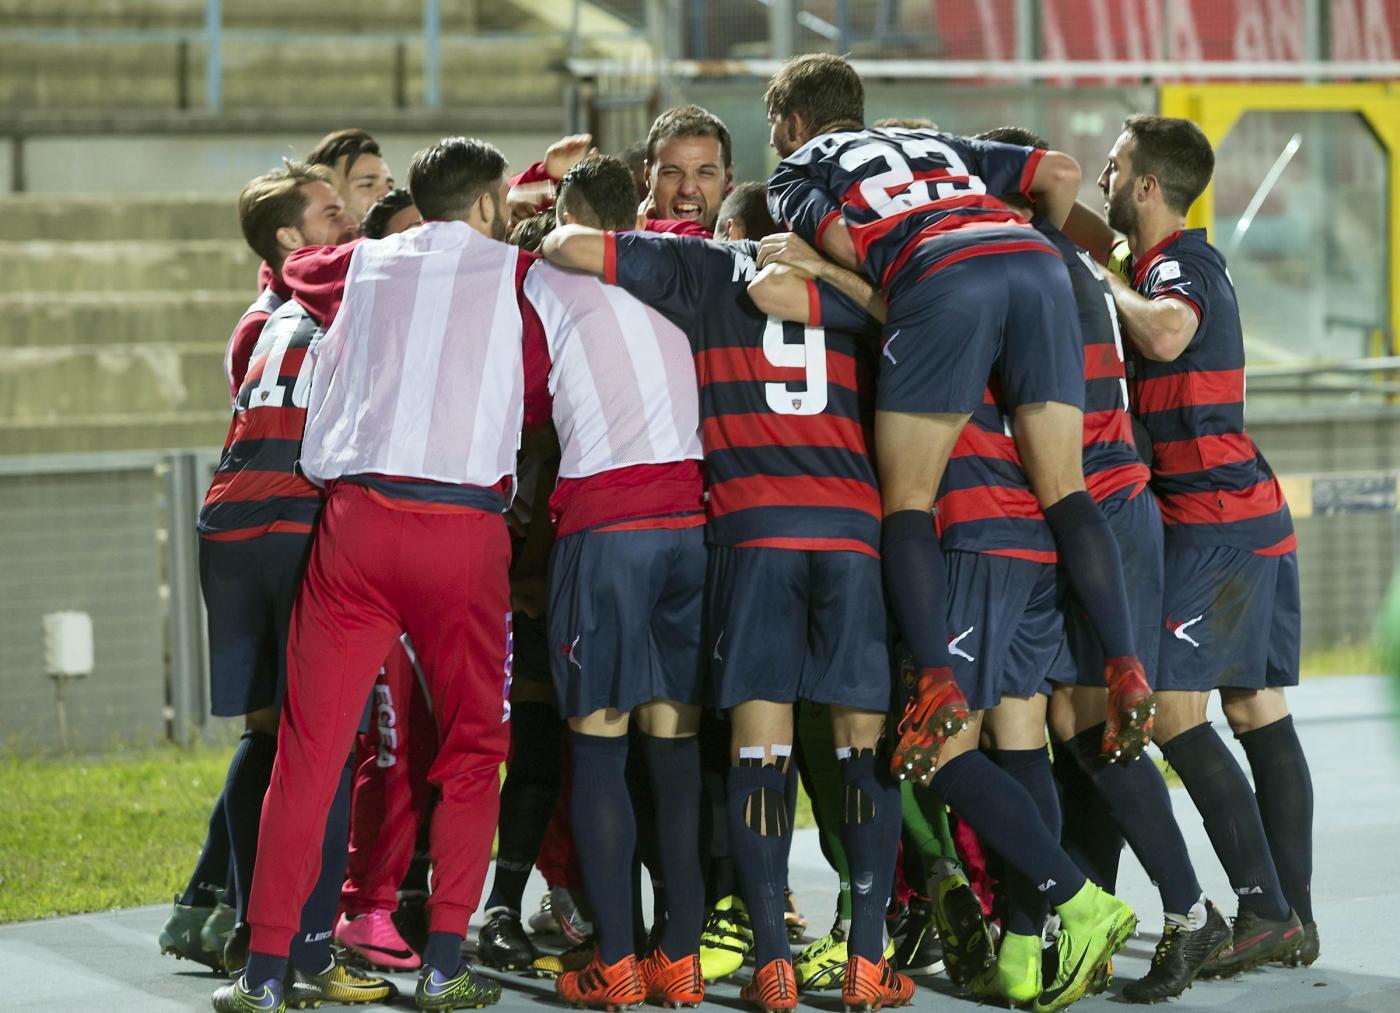 Serie B, Cosenza-Perugia domenica 30 settembre: analisi e pronostico della sesta giornata del campionato cadetto